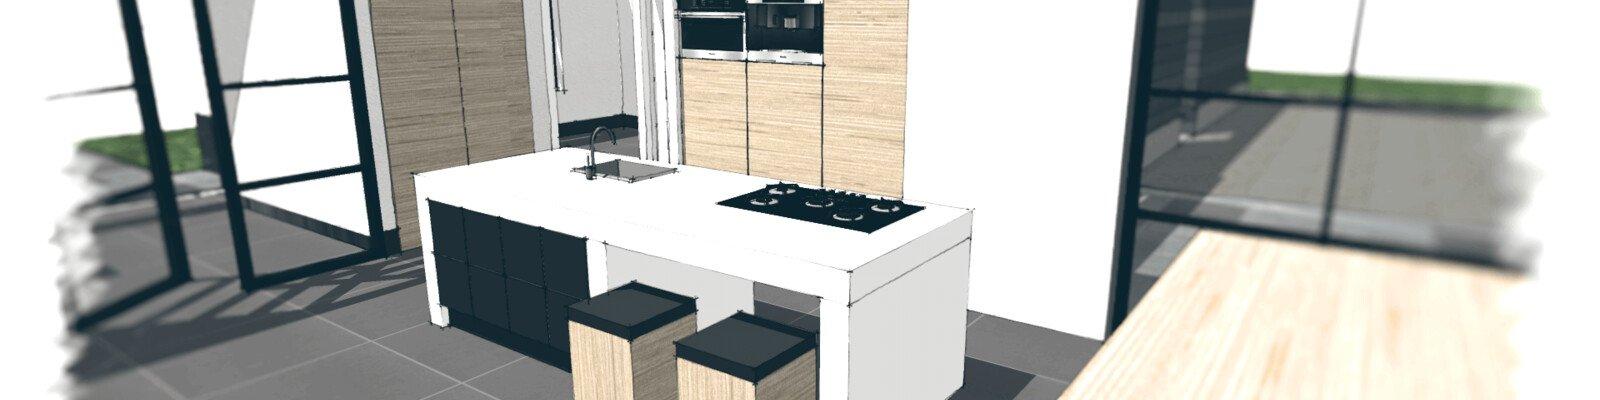 Welke keukenindeling past het beste bij jou jouw woning for Keuken in 3d tekenen